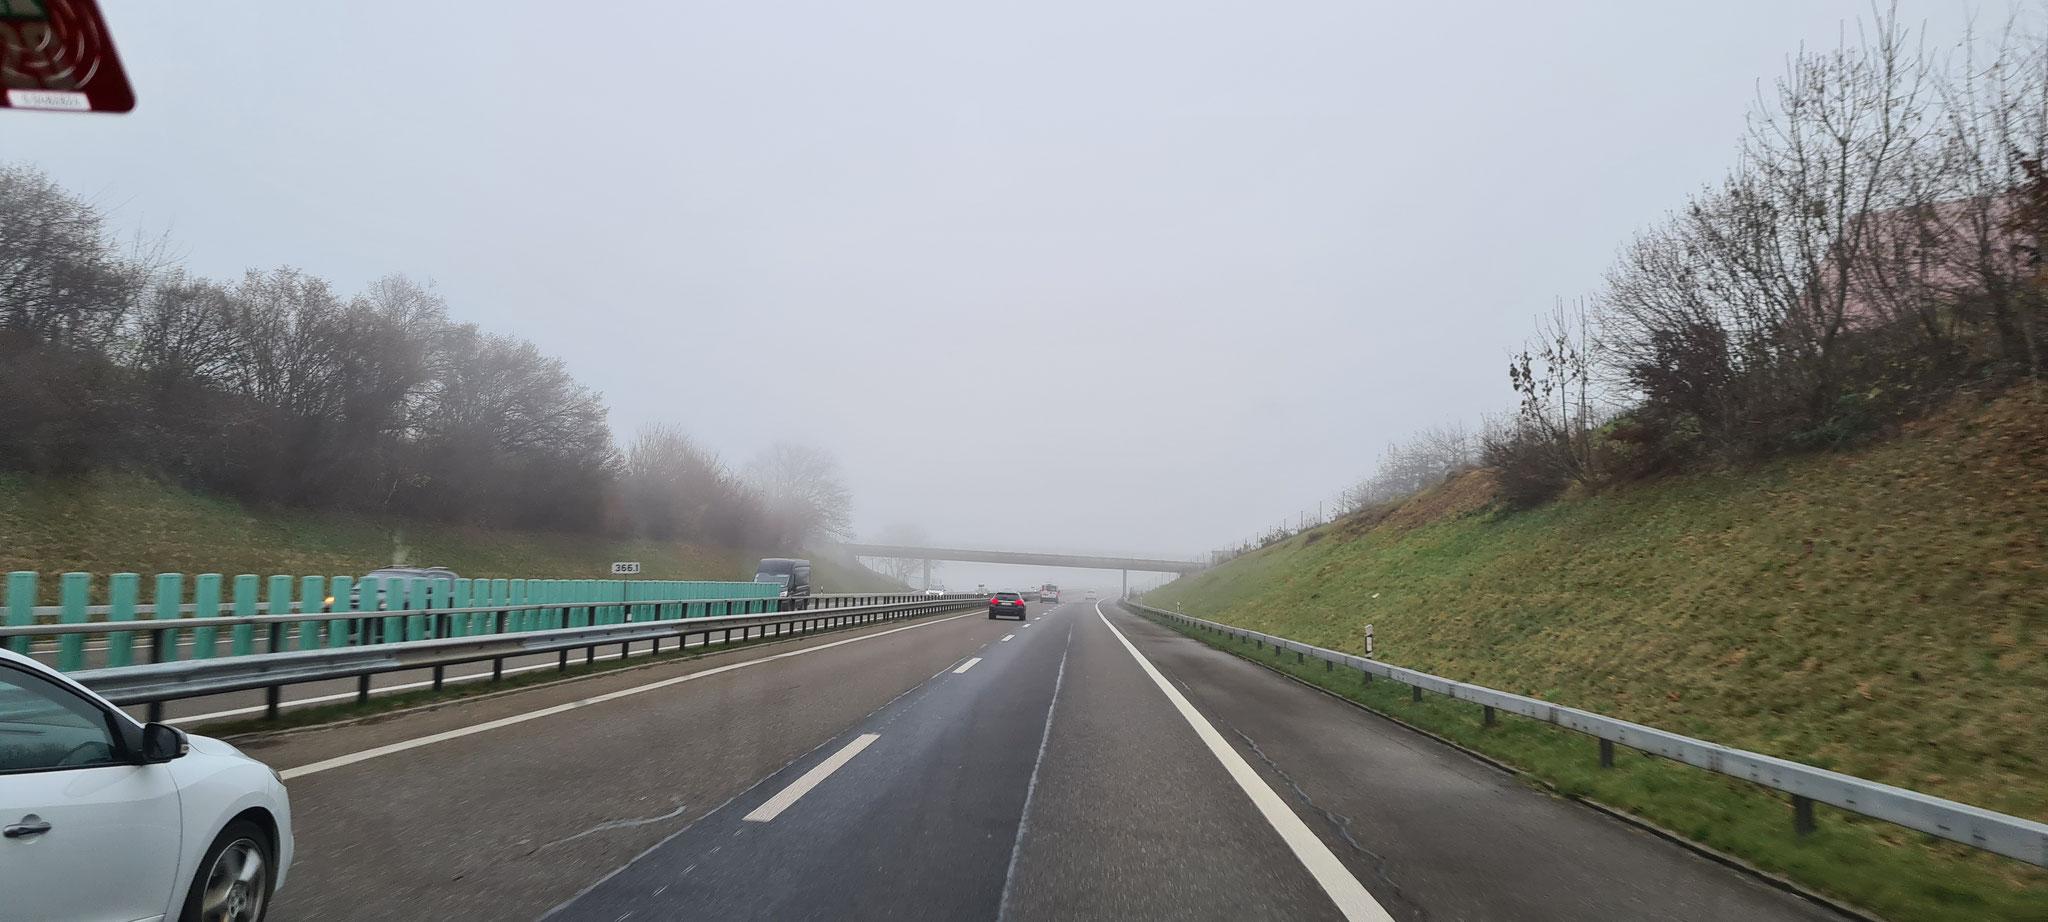 Nebel - was solls?!